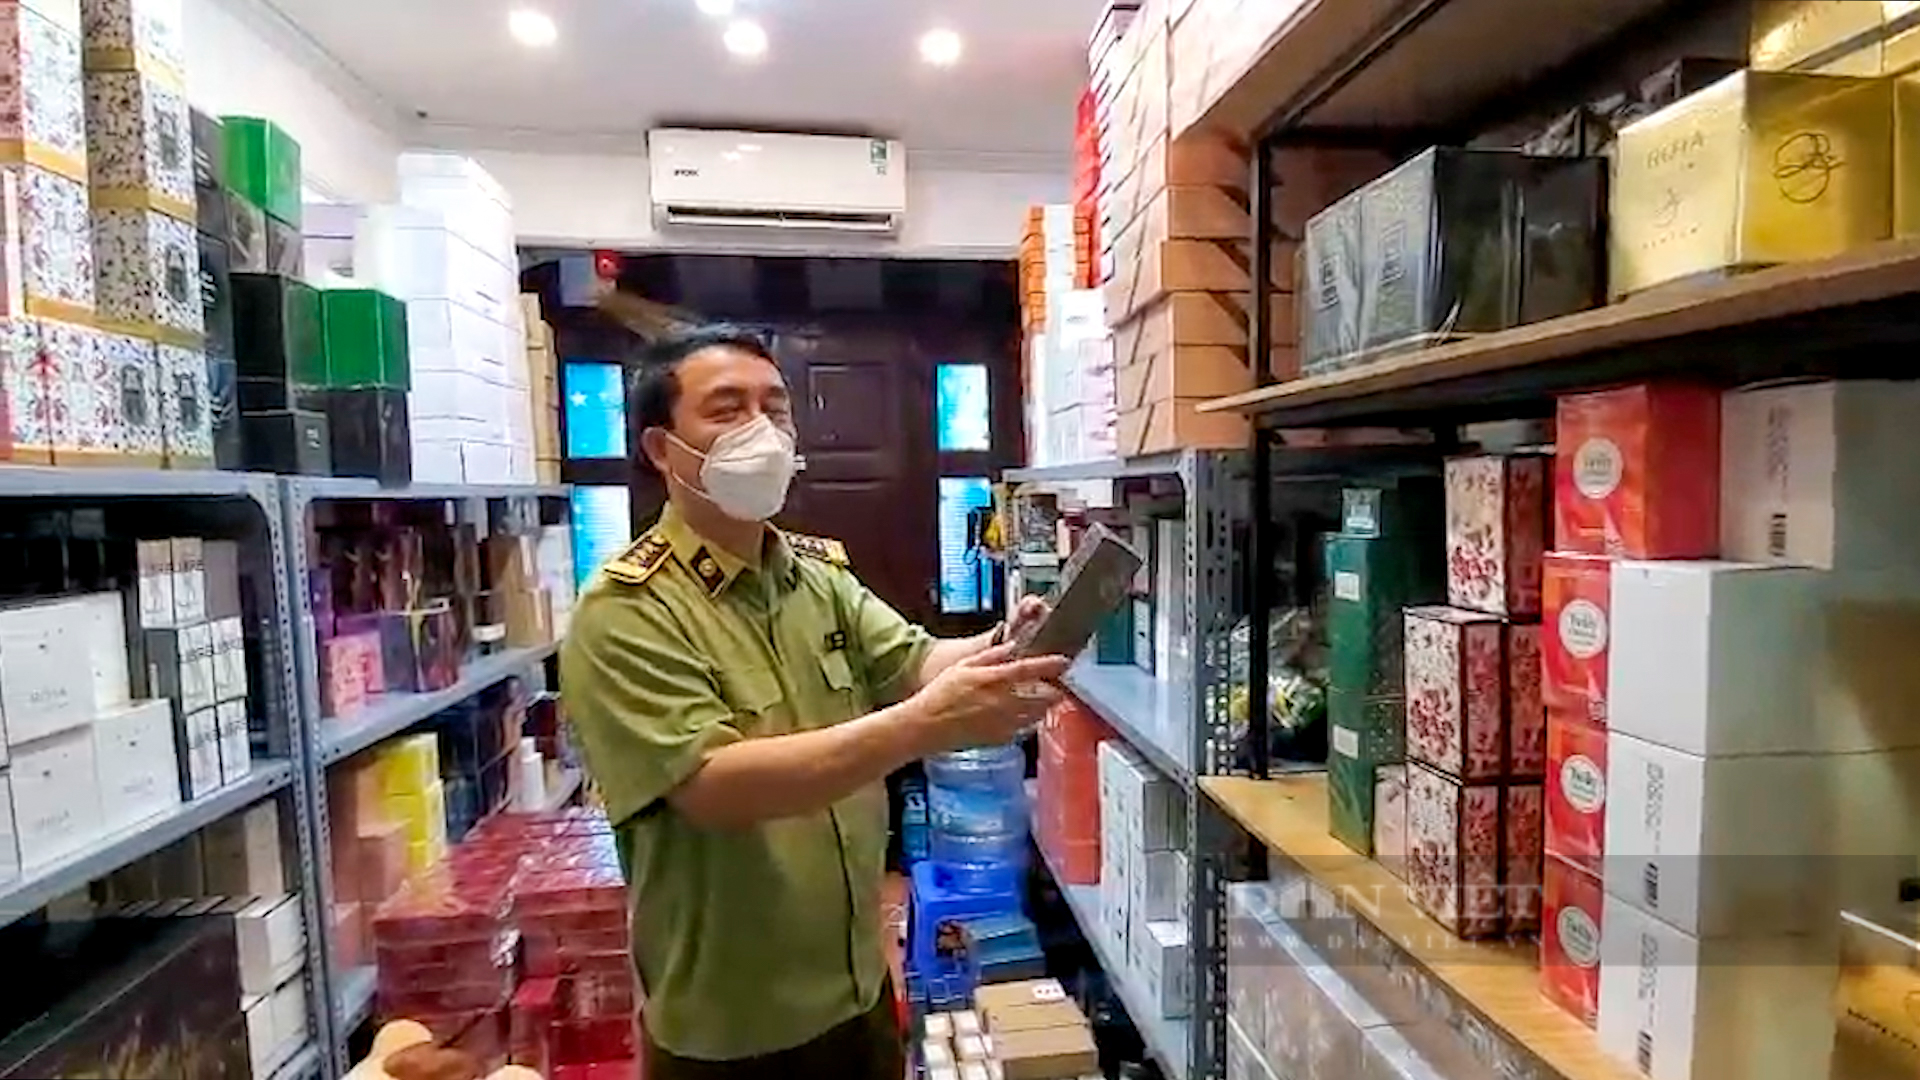 Hà Nội: Đột kích cửa hàng ở phố cổ, thu giữ hàng nghìn chai nước hoa Gucci, Dolce & Gabbana... không rõ nguồn gốc - Ảnh 6.